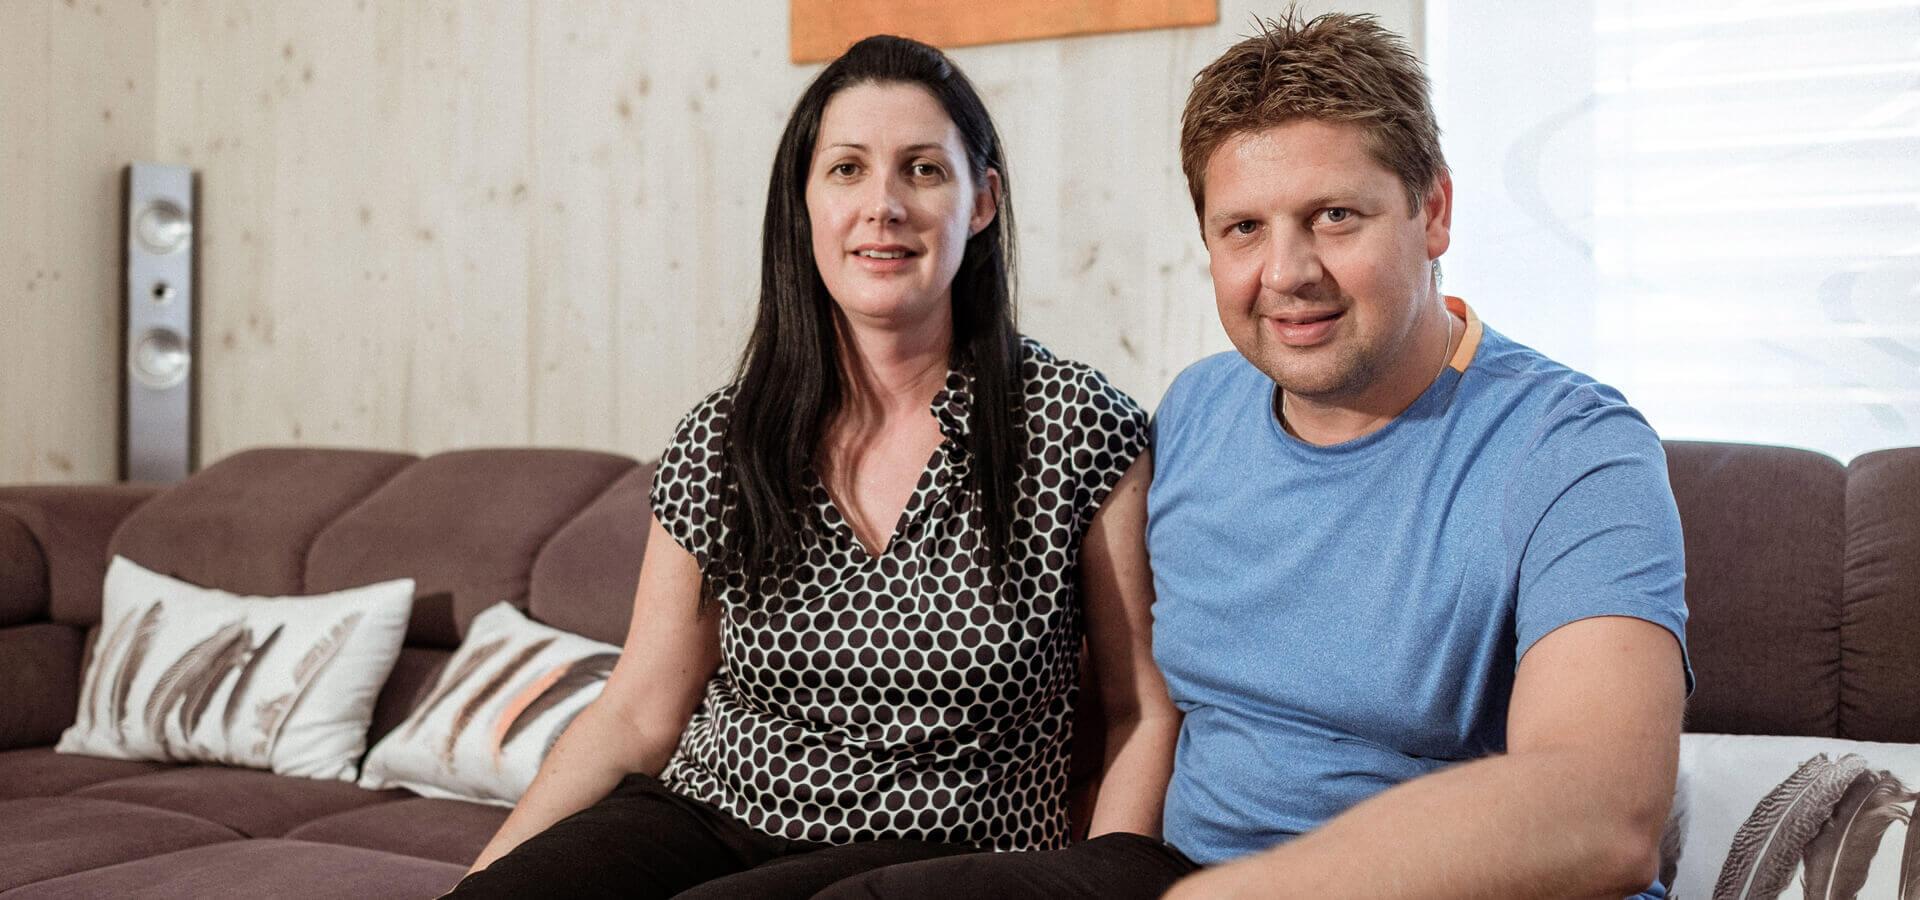 Petra a Jürgen na pohovce ve svém bytě